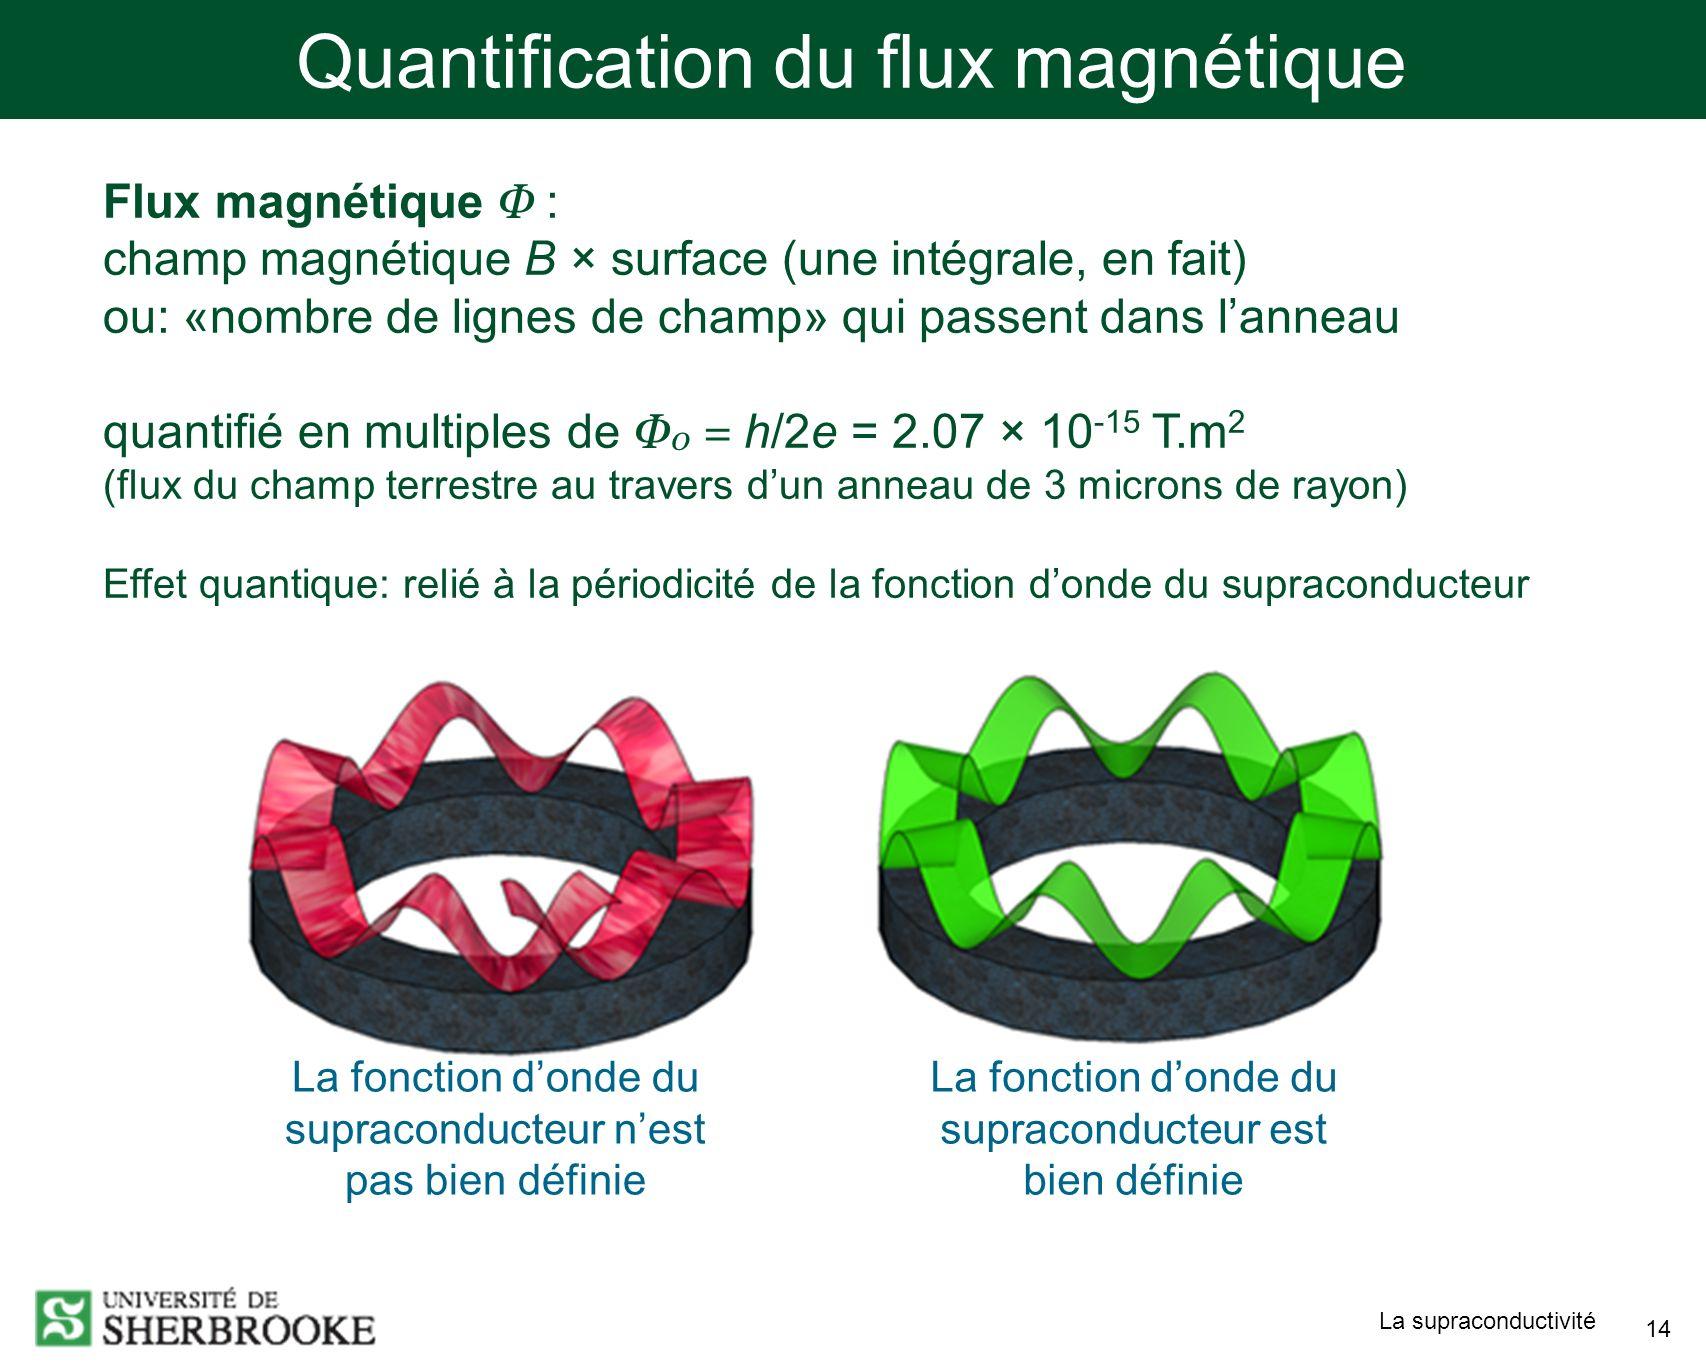 Quantification du flux magnétique